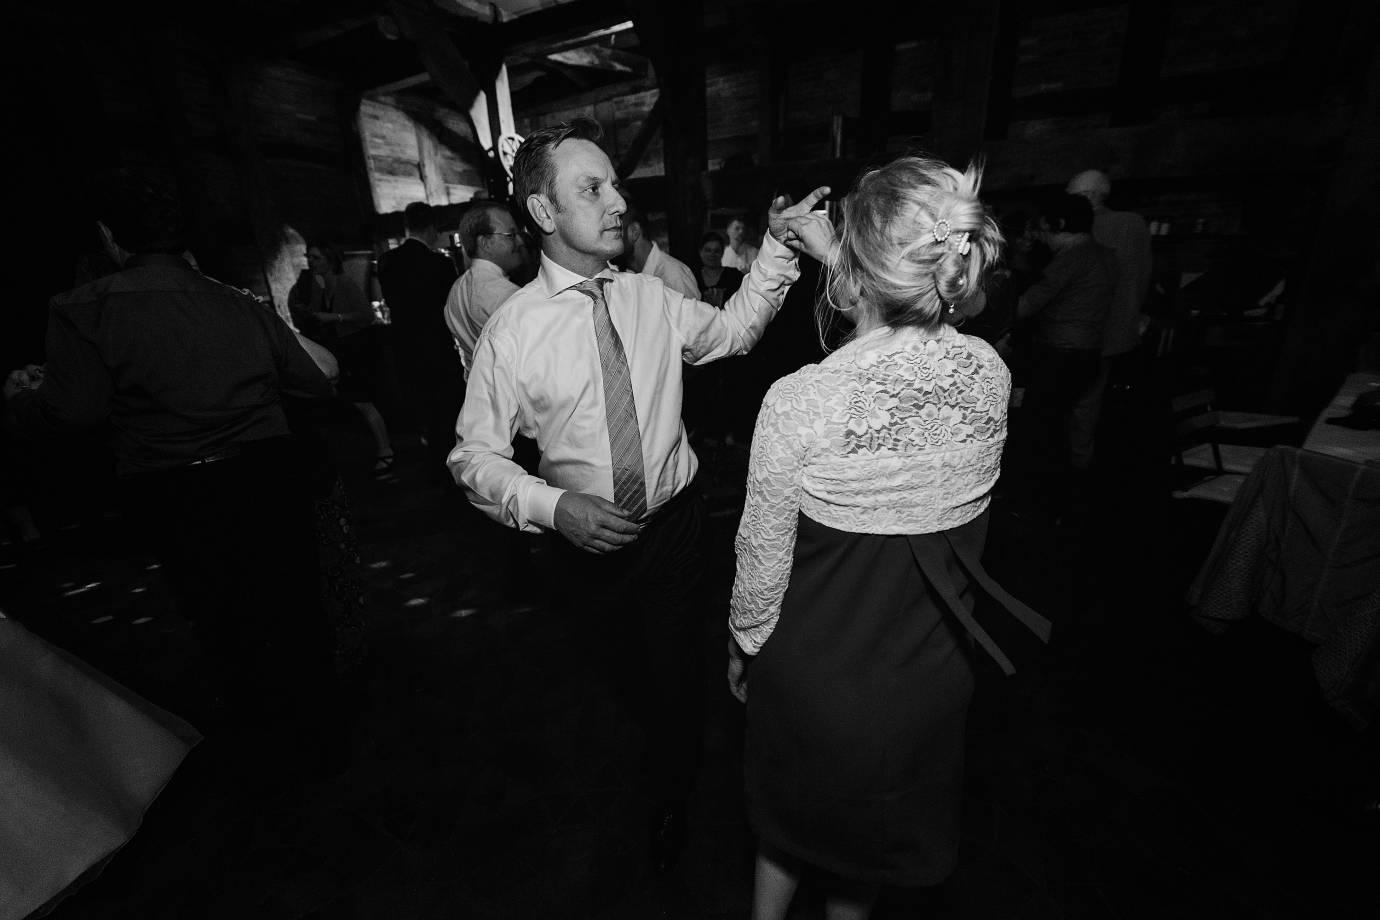 hochzeitsfotograf hannover 200 - Jutta+Patrick